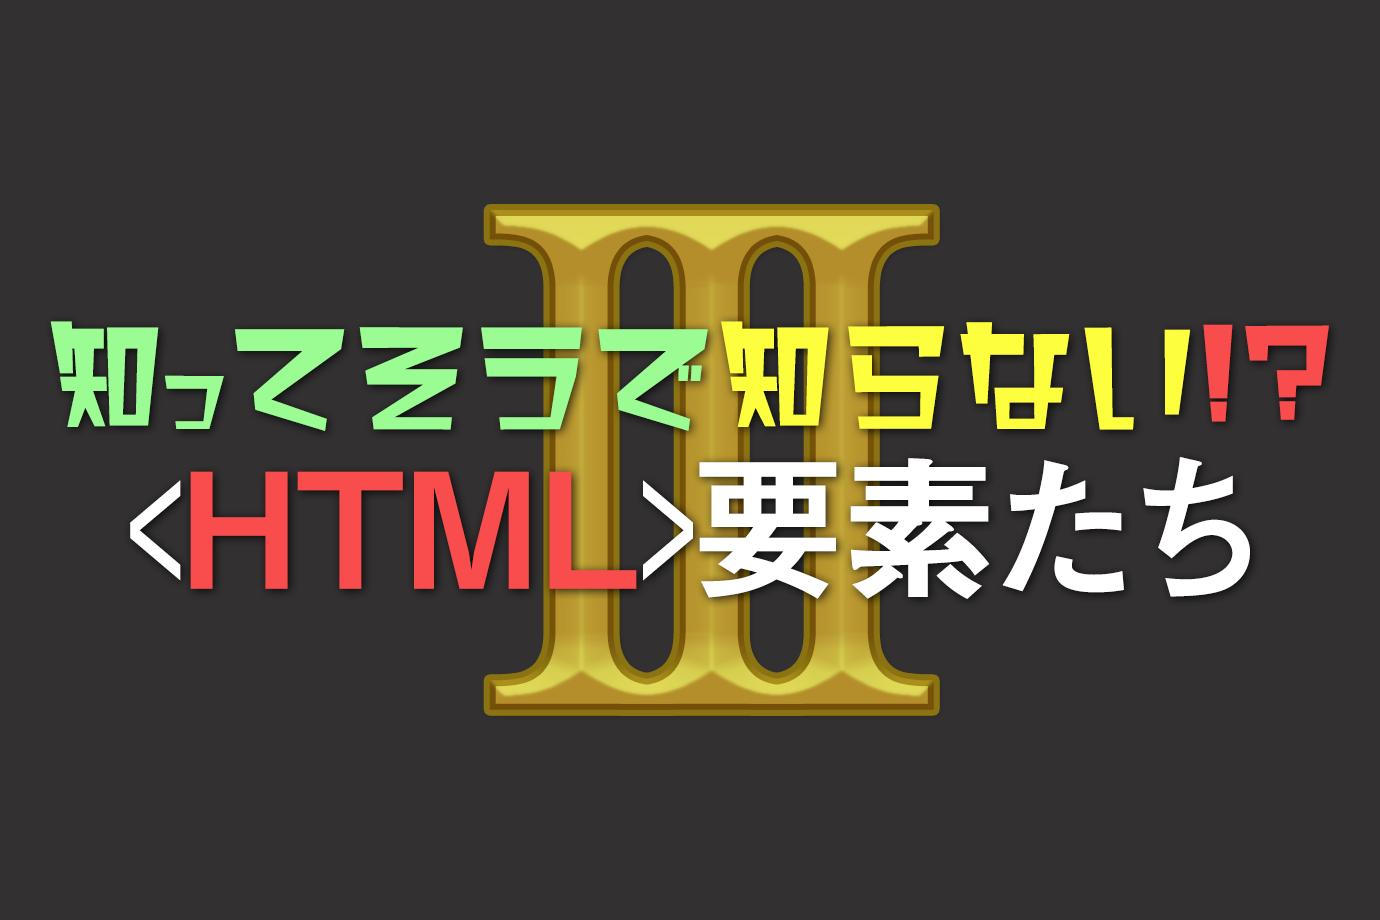 知ってそうで知らない!?HTML要素たち3